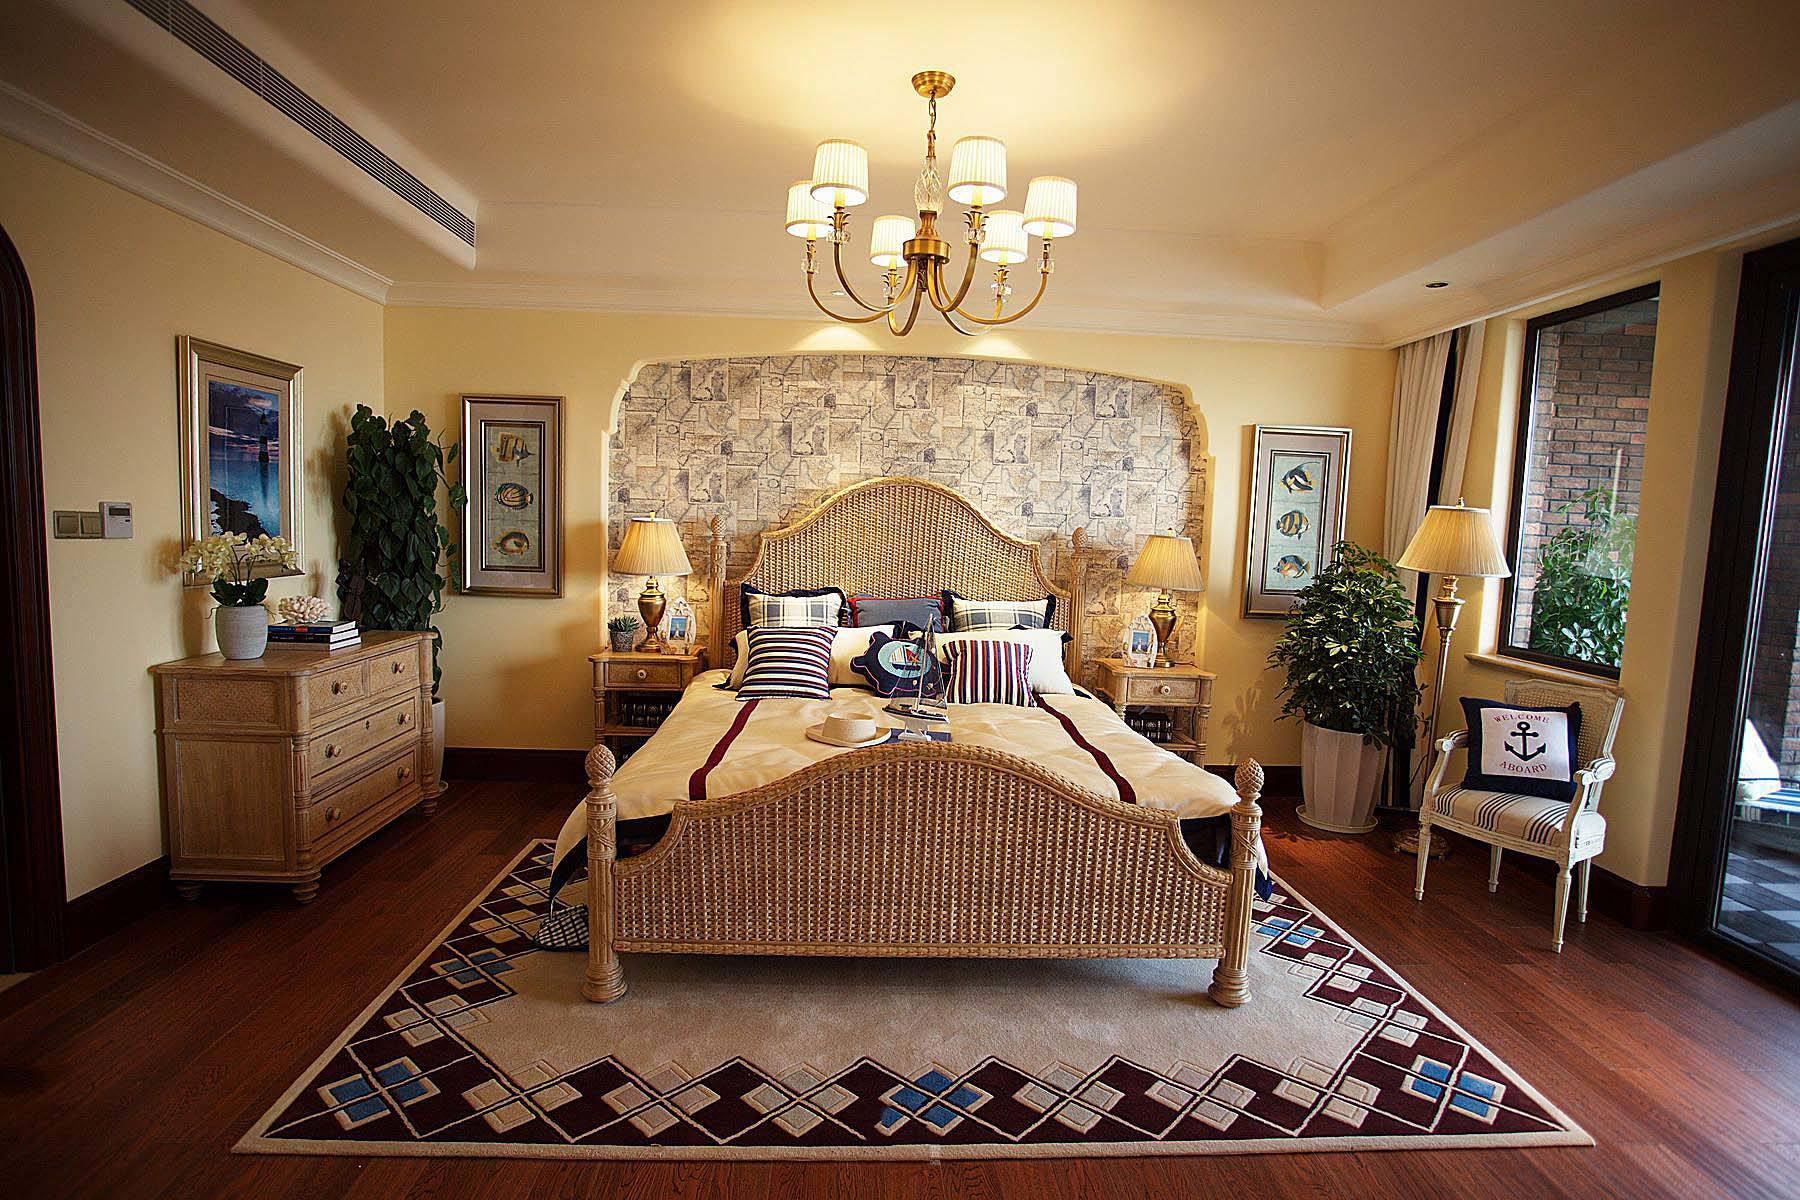 怀旧贵气美式风格卧室金属吊灯装饰效果图_装修百科图片